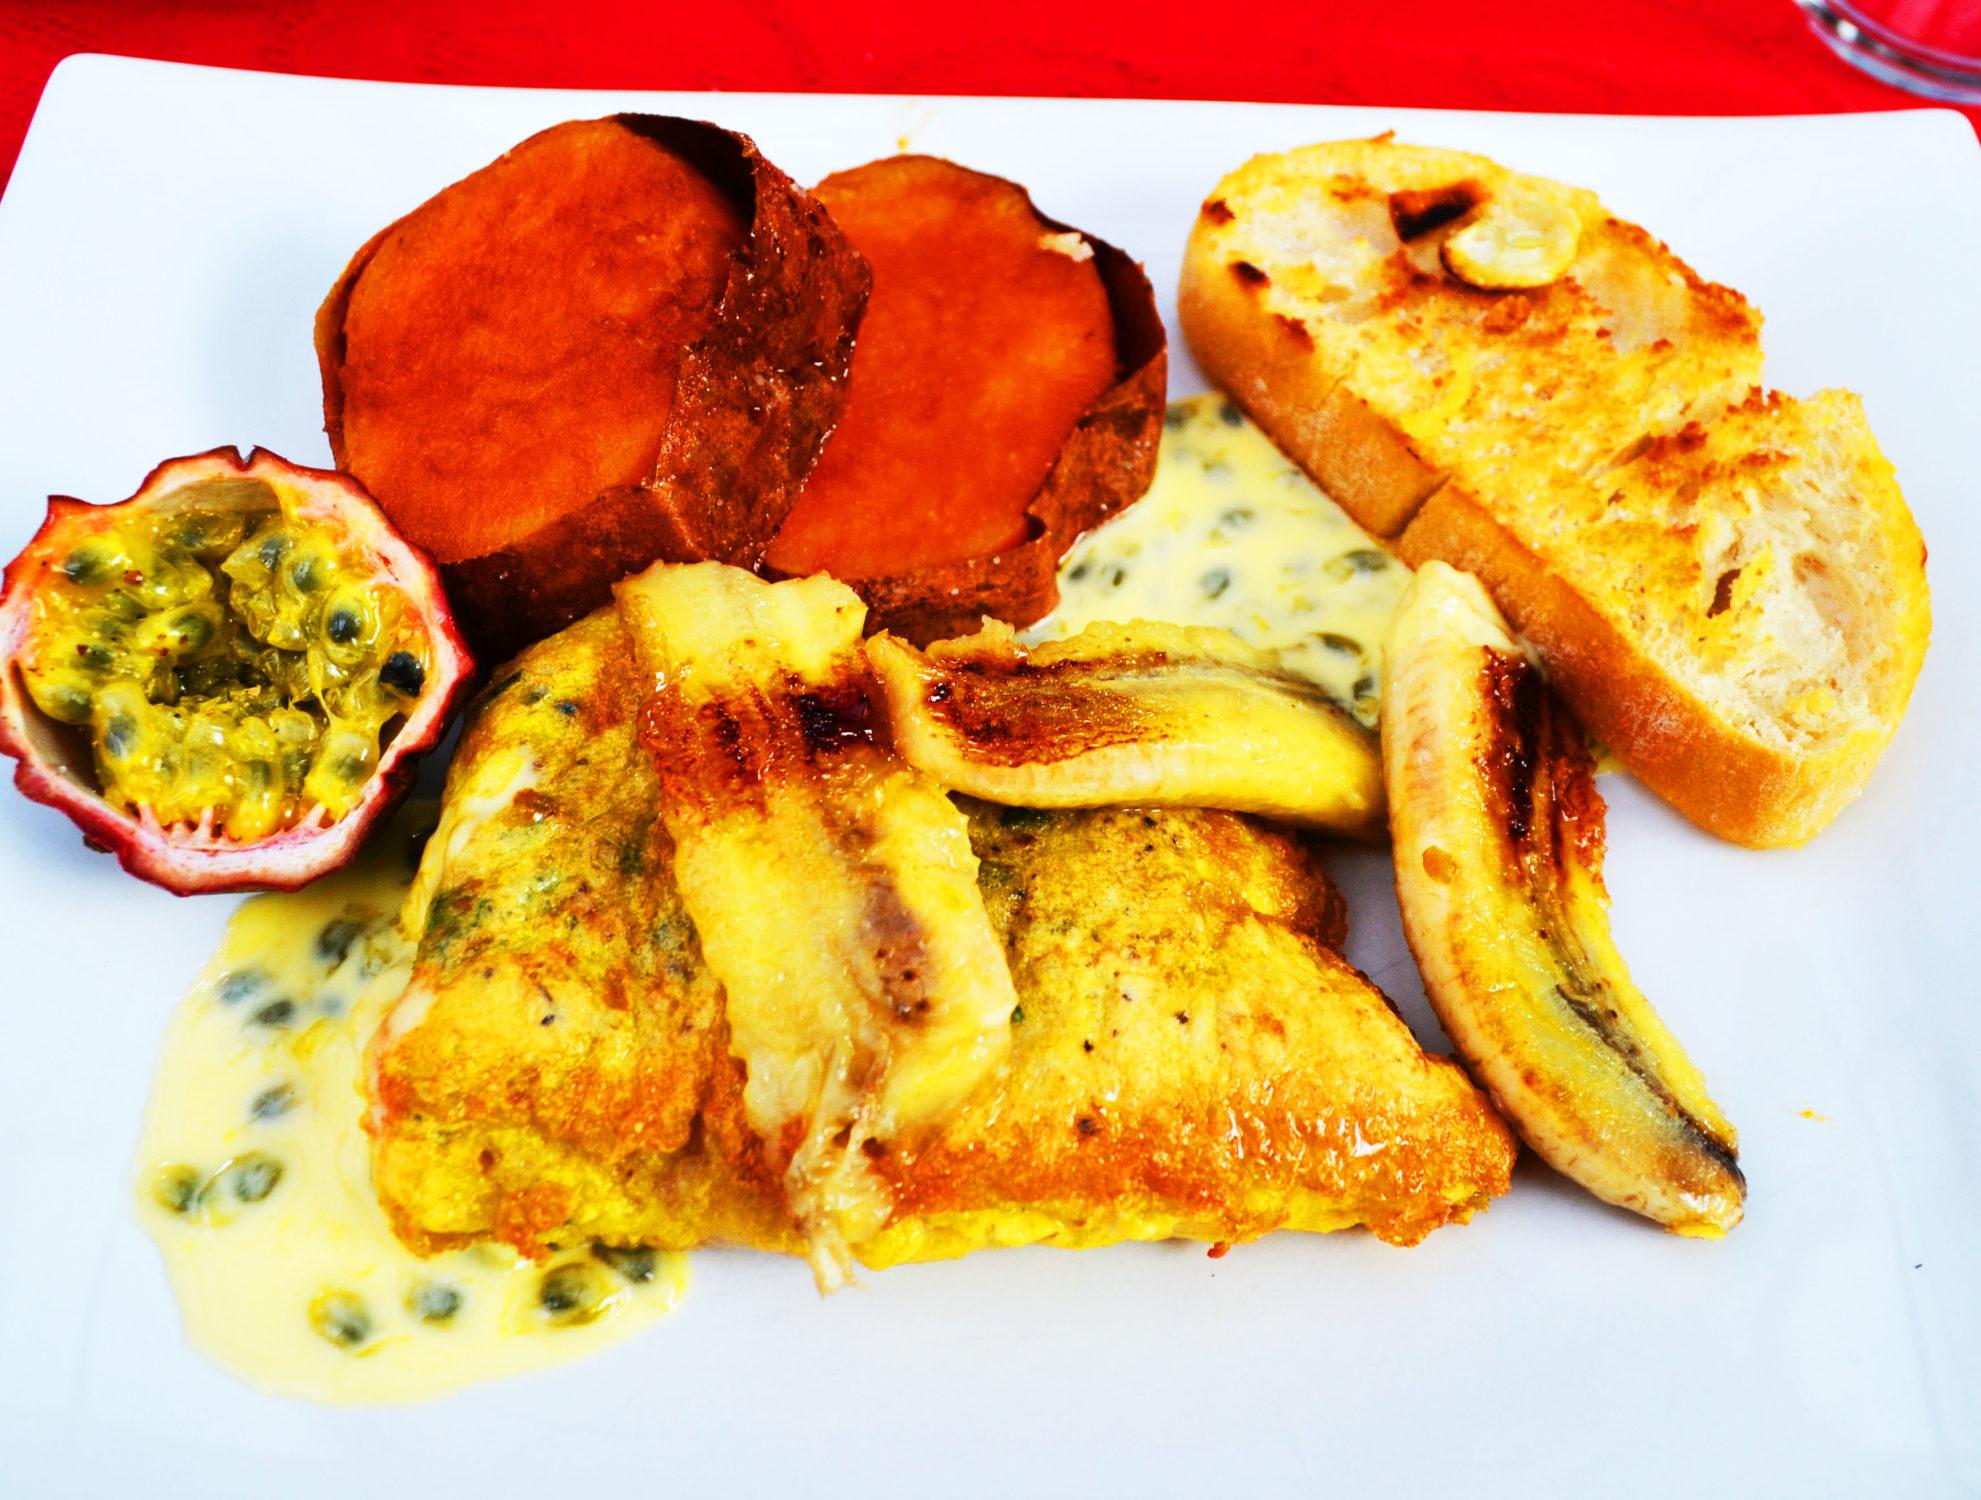 Ein köstlicher Gruß aus Madeira! Peixe com banana ( Fisch mit Banane)